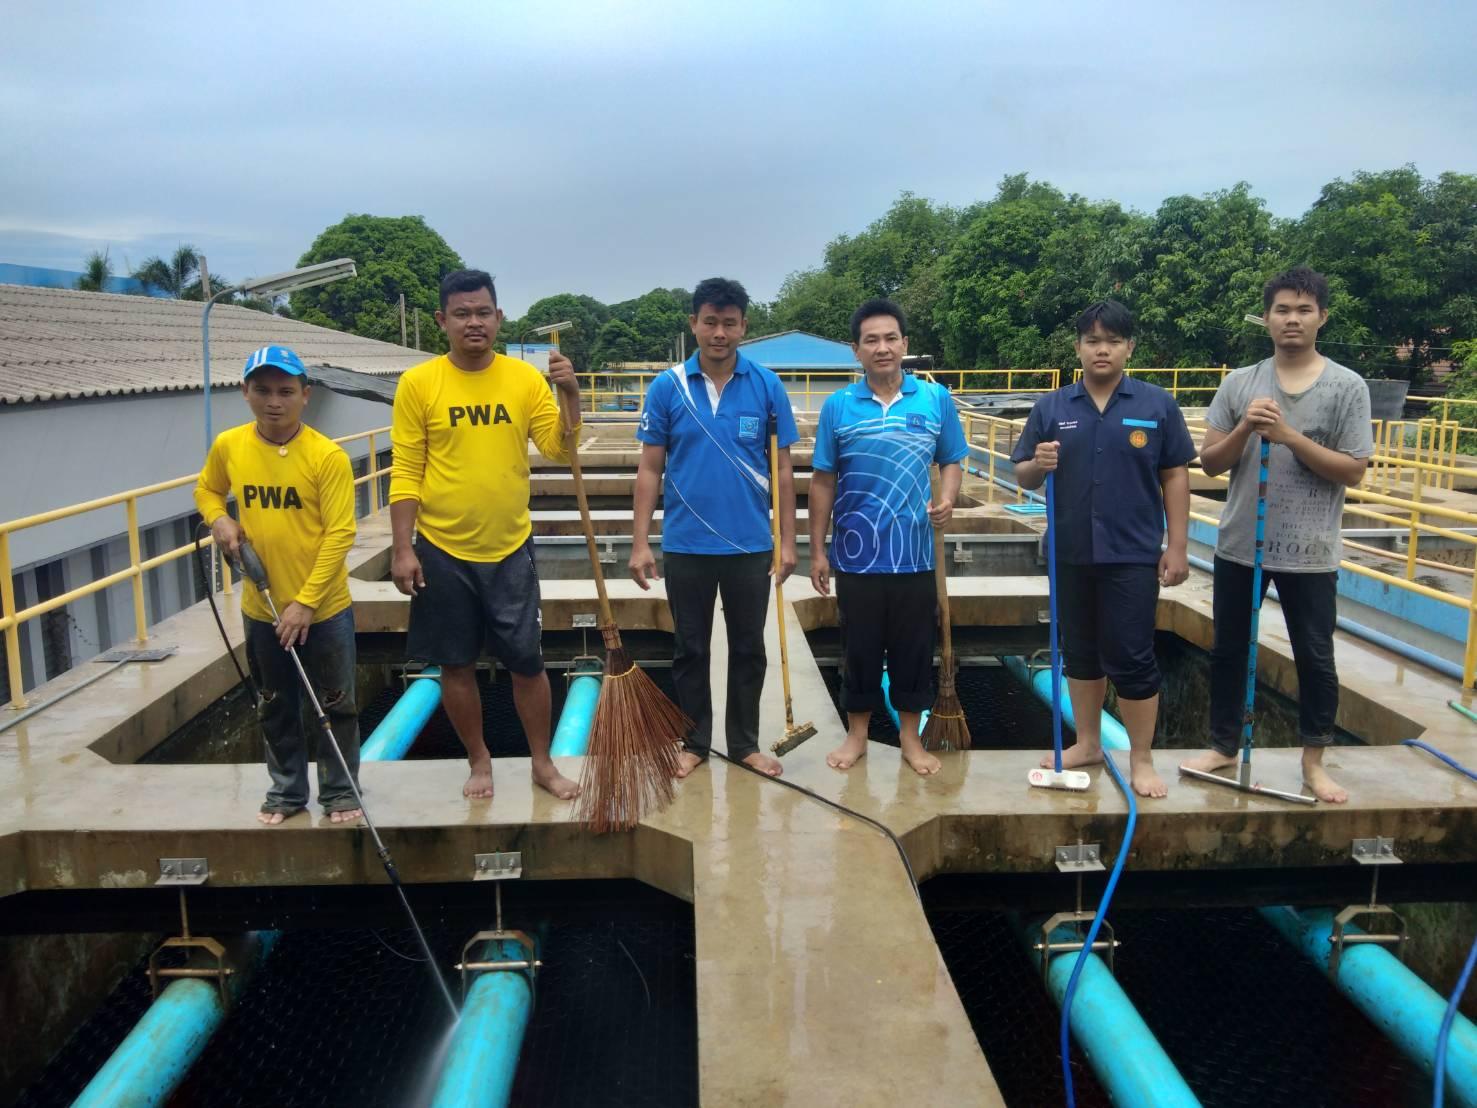 กปภ.สาขากาญจนบุรี ล้างถังตกตะกอนโรงกรองน้ำ